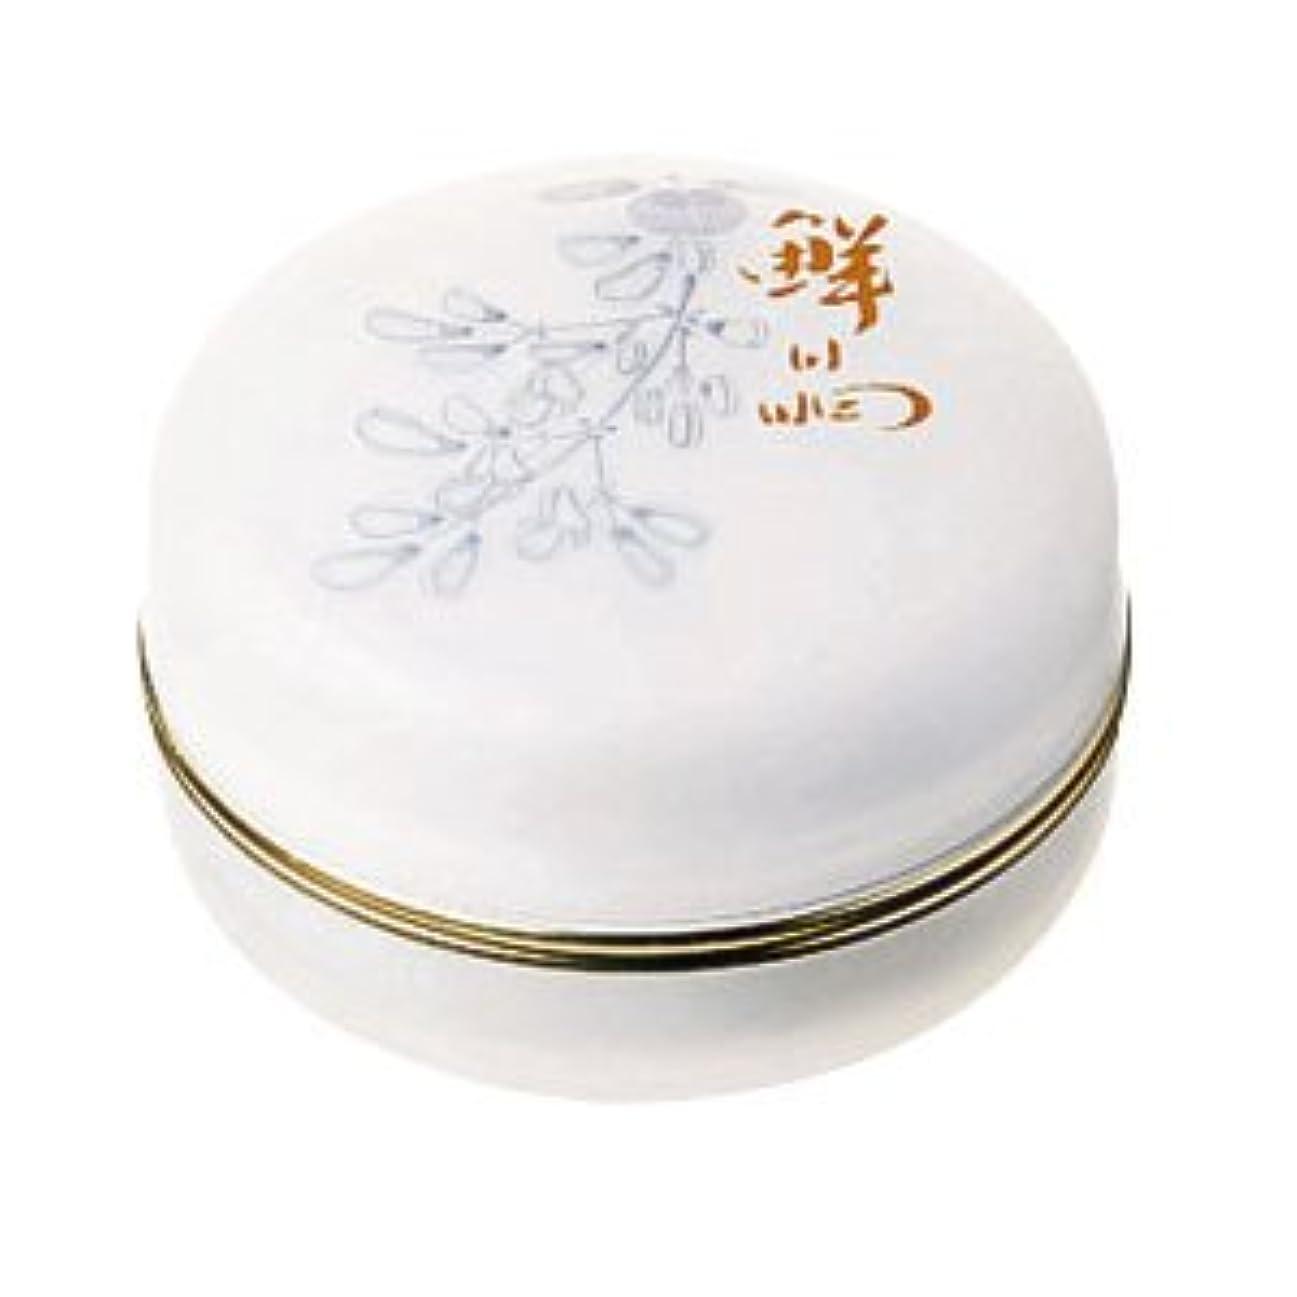 ミンチ購入マキシムオッペン 薬用妙 薬用鮮晶(せんしょう)<医薬部外品>(80g)